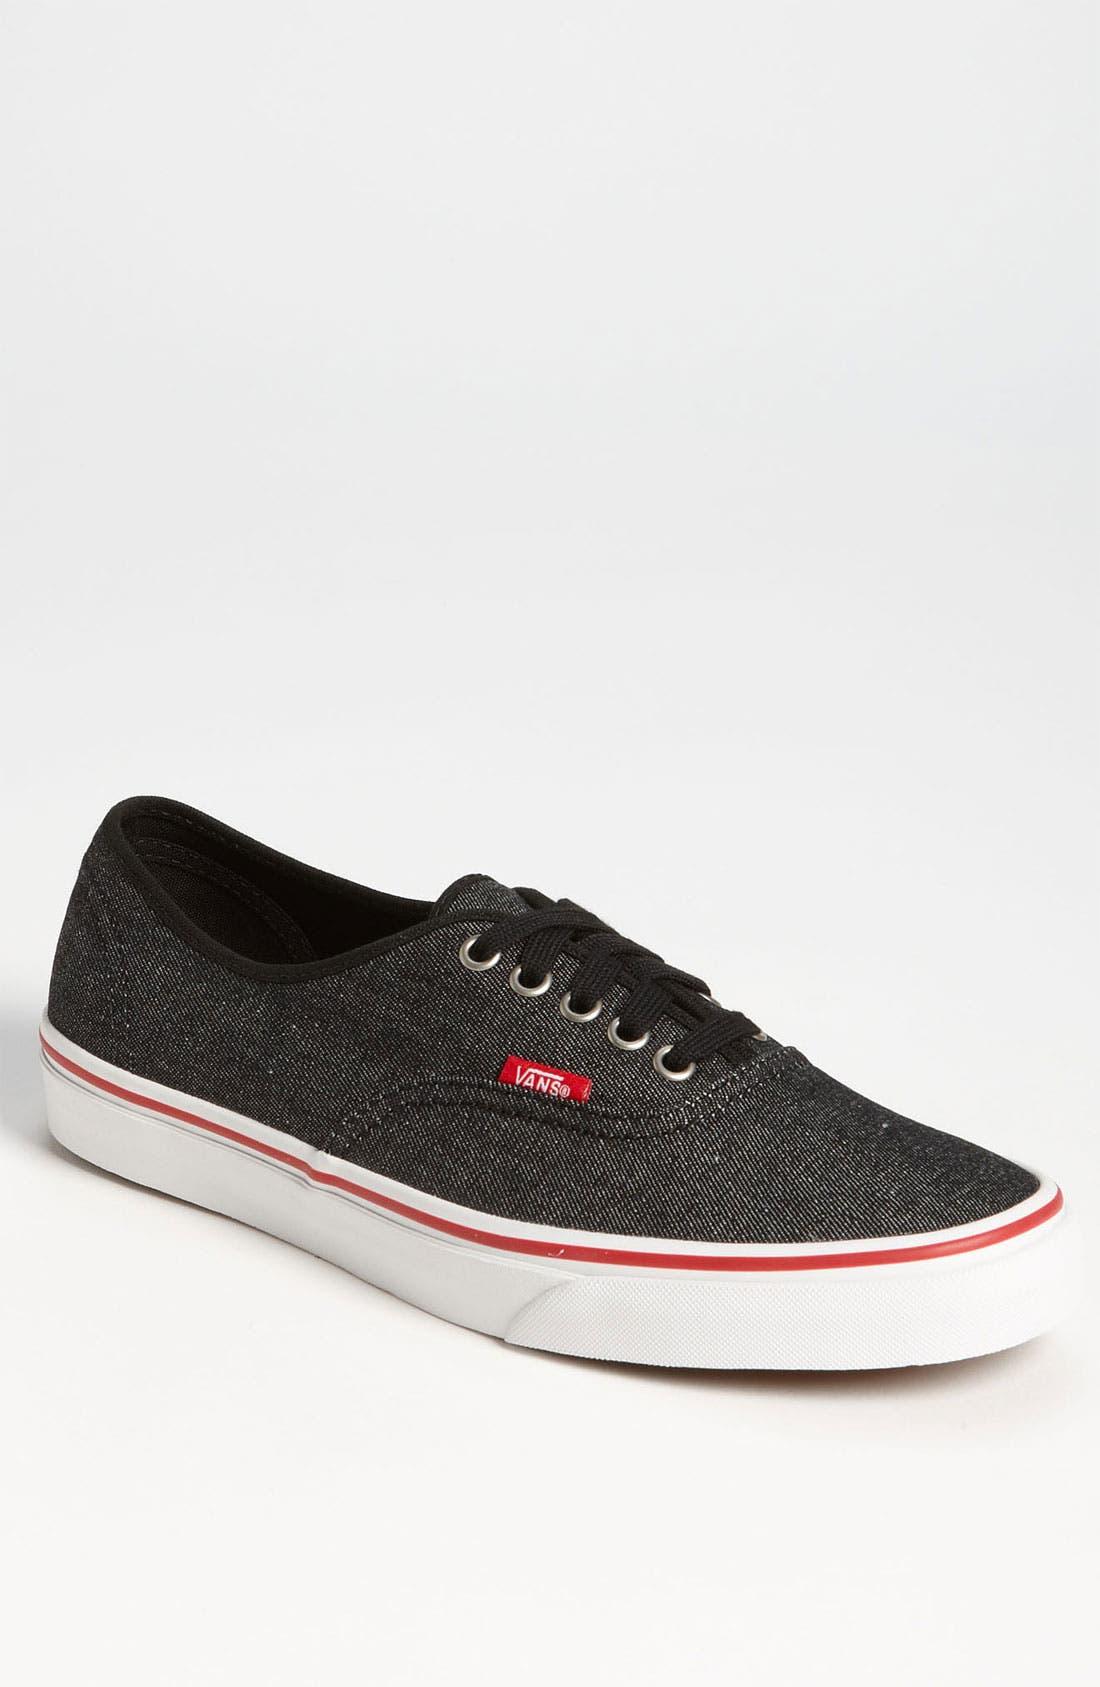 Main Image - Vans 'Authentic' Sneaker (Men)